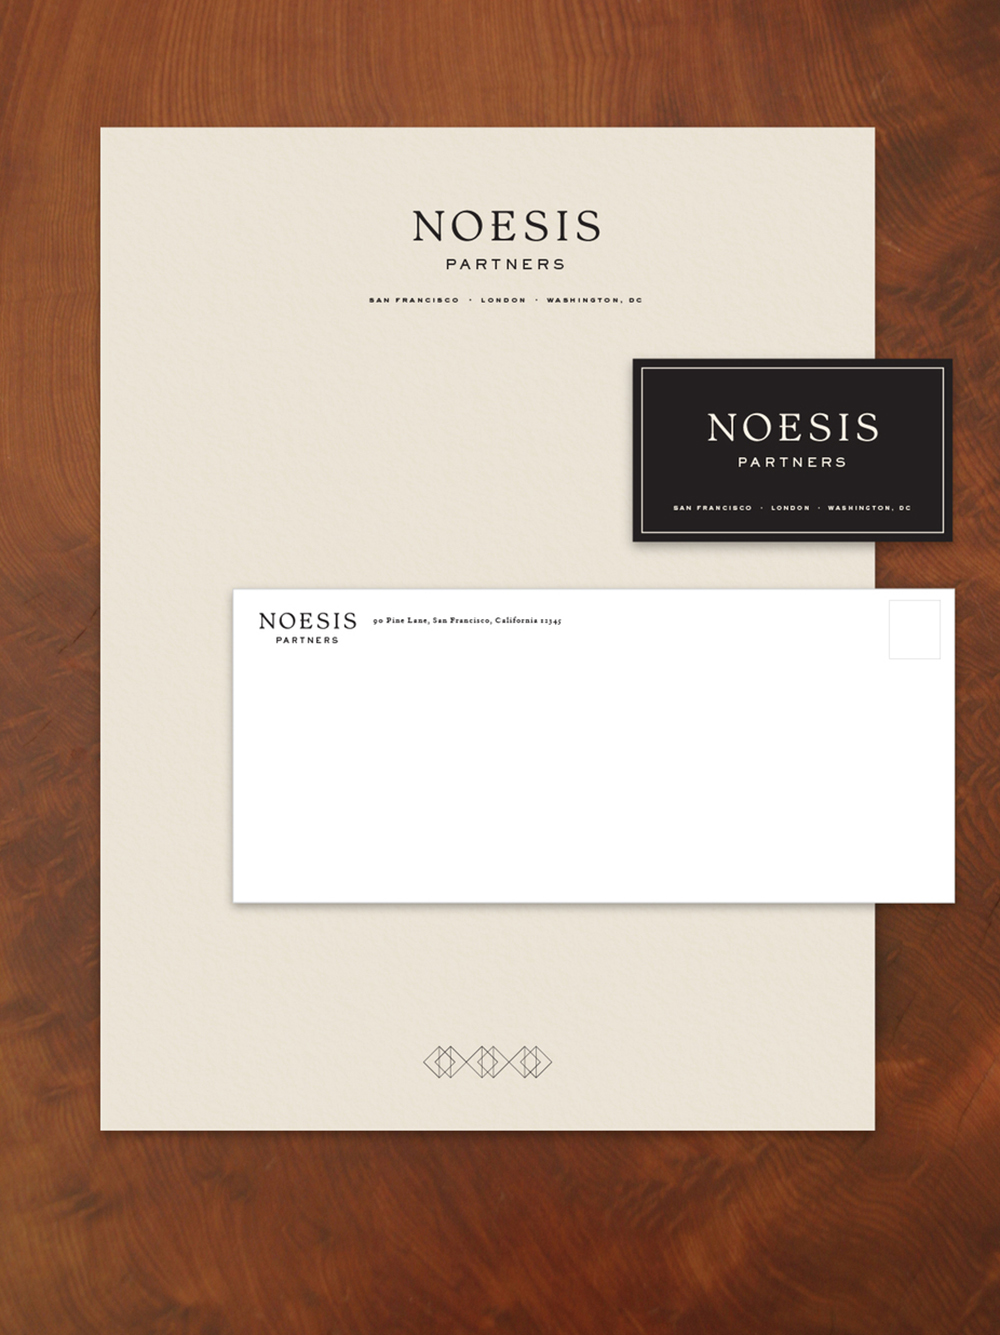 Noesis Partners